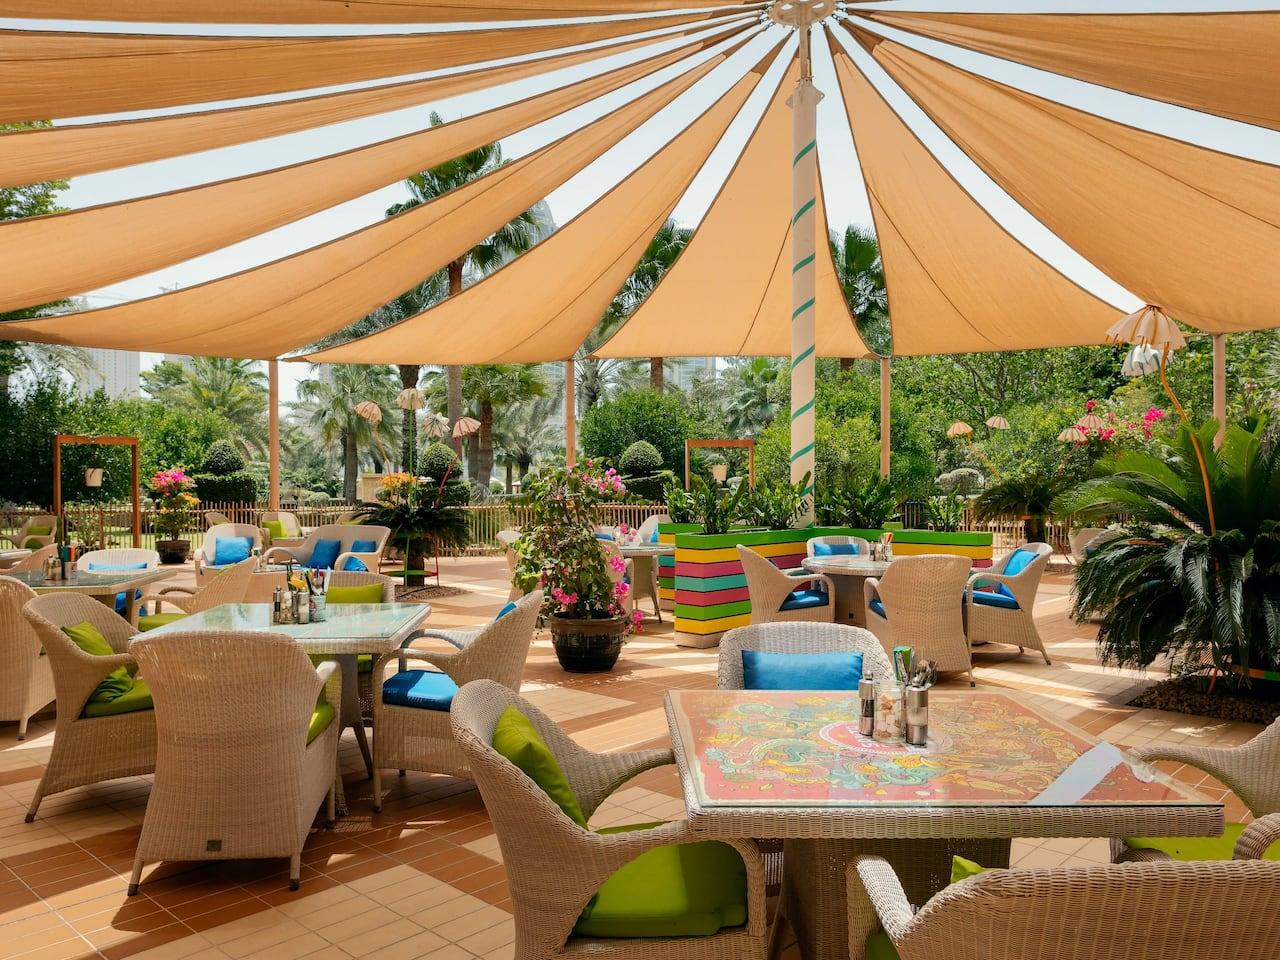 American Restaurant in 5 Star Hotel | Grand Hyatt Doha Hotel & Villas